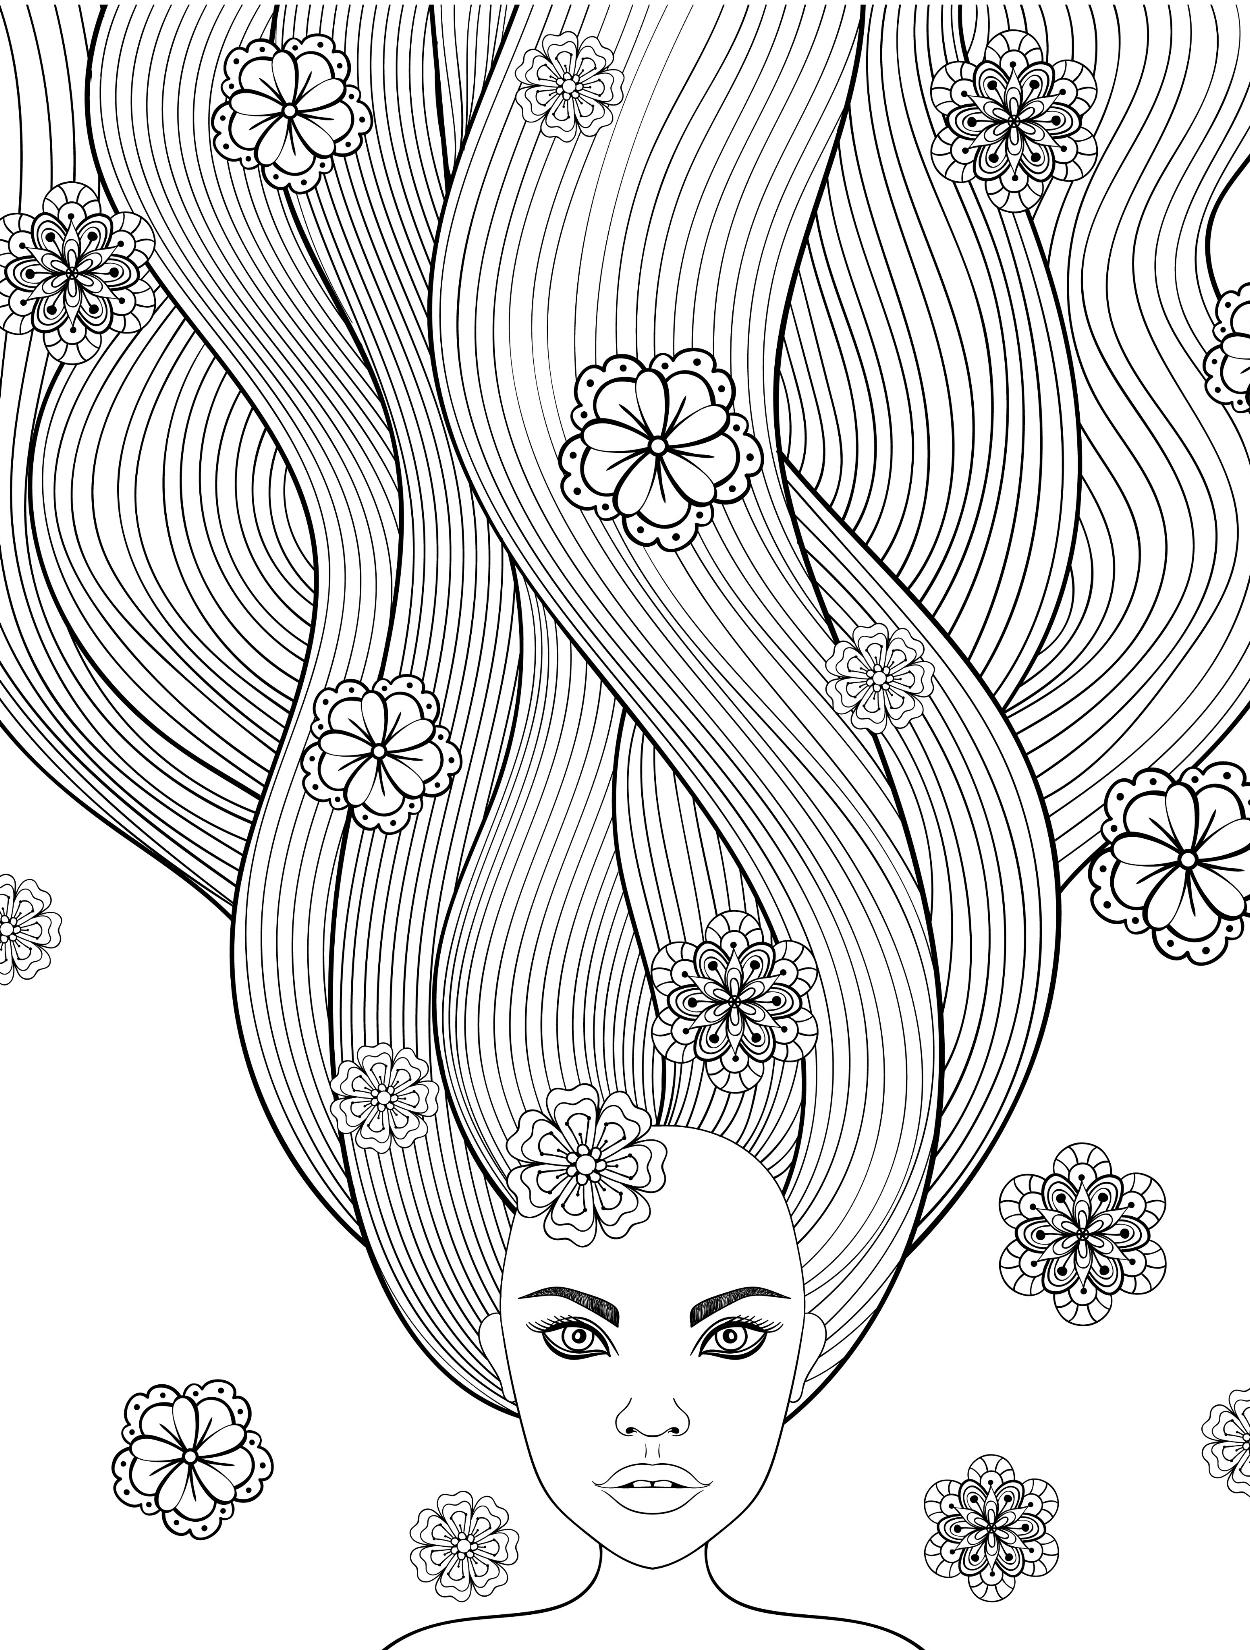 Лицо девушки с длинными волосами